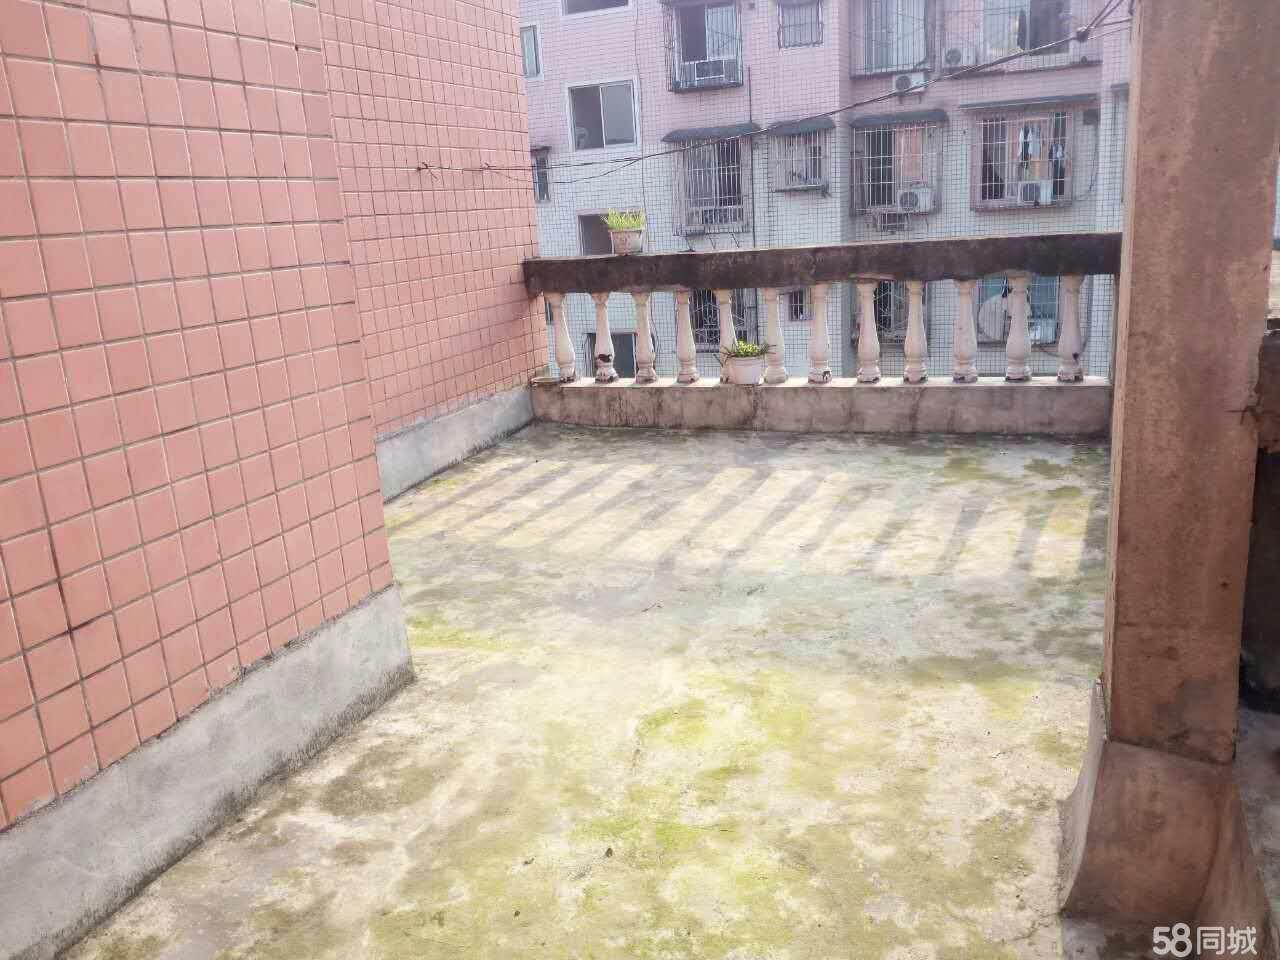 城北【柏香林】附近稀缺6跃7!采光良好,学位房!带平台花园!